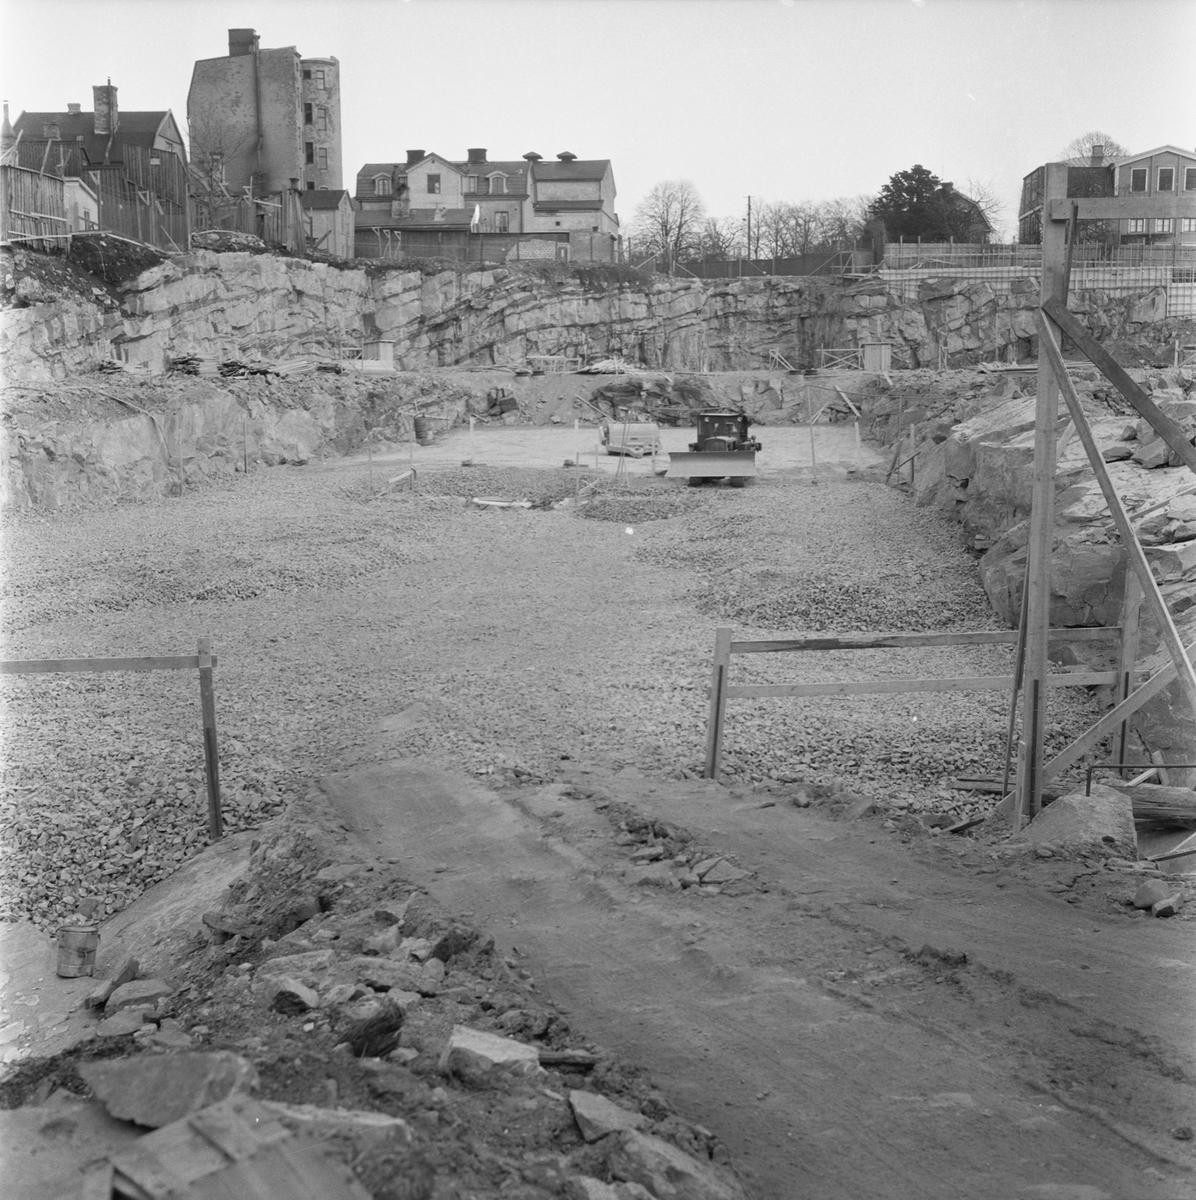 Övrigt: Fotodatum:15/2 1962. Byggnader och Kranar. Nybyggnations område. Kraftcentralen och Plåtverkstan